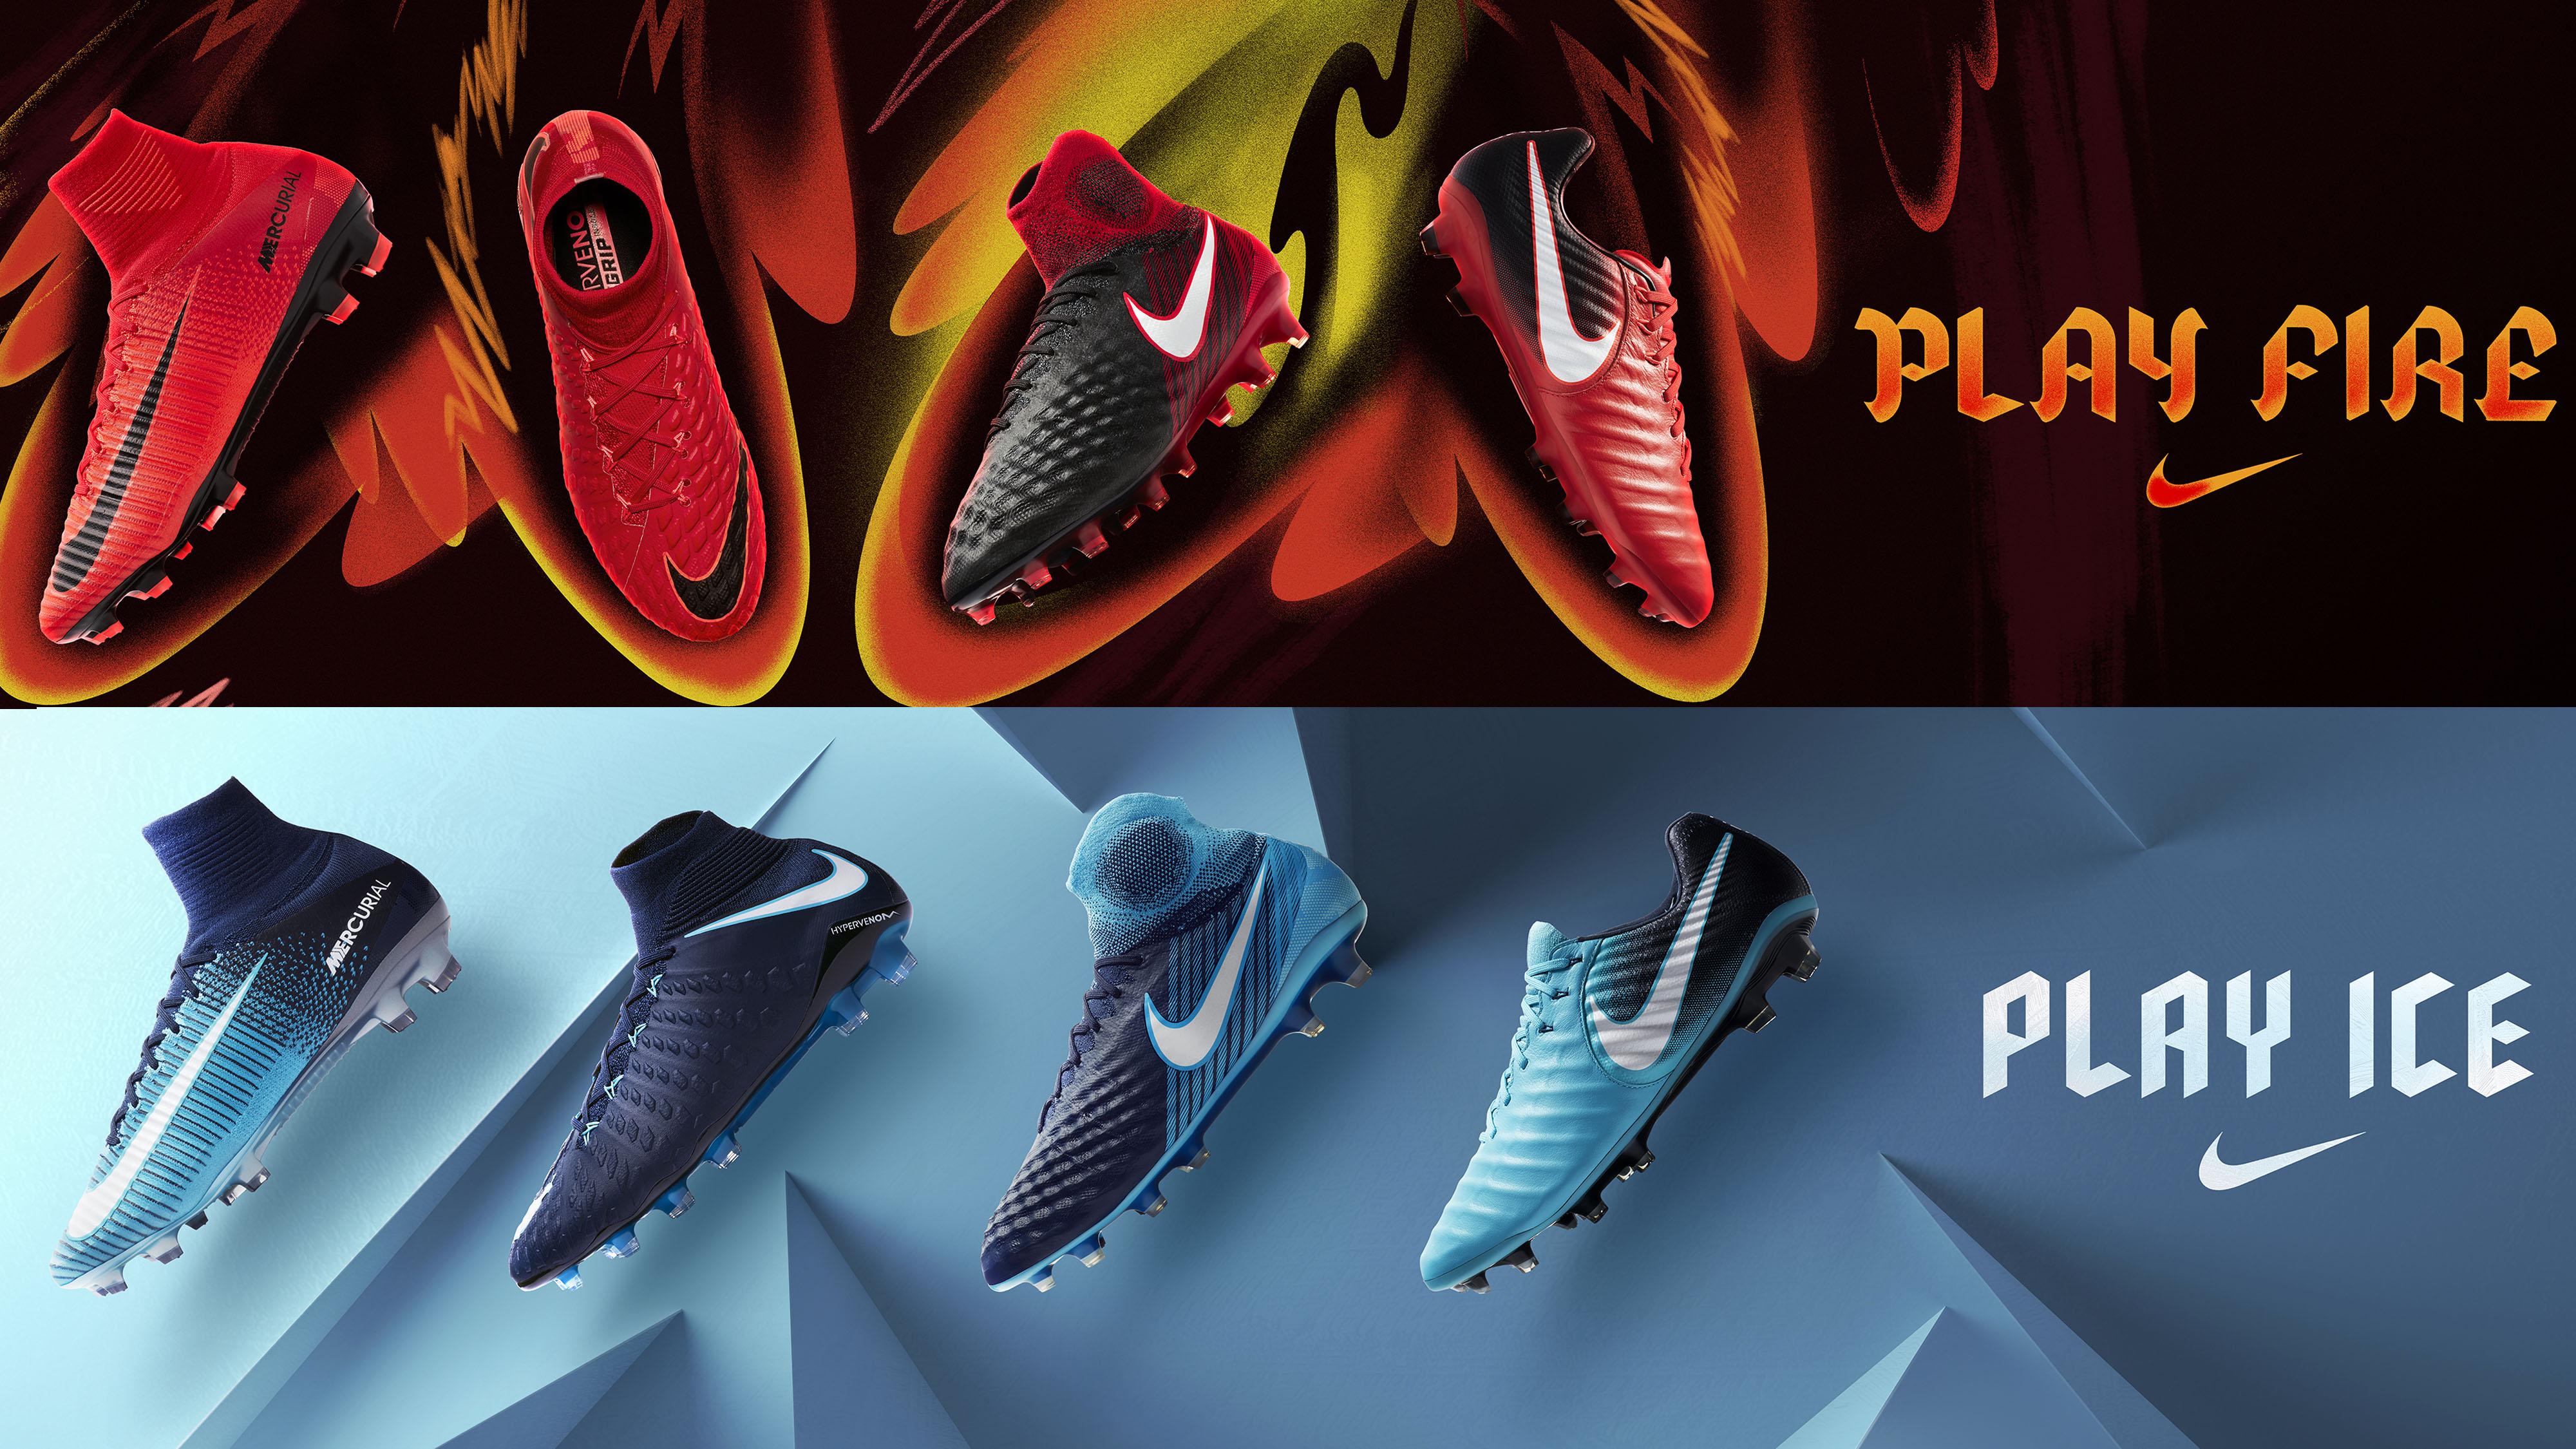 Fire E Ice Contro Ghiaccio Nike Play Scarpini Fuoco 1fxqfpw